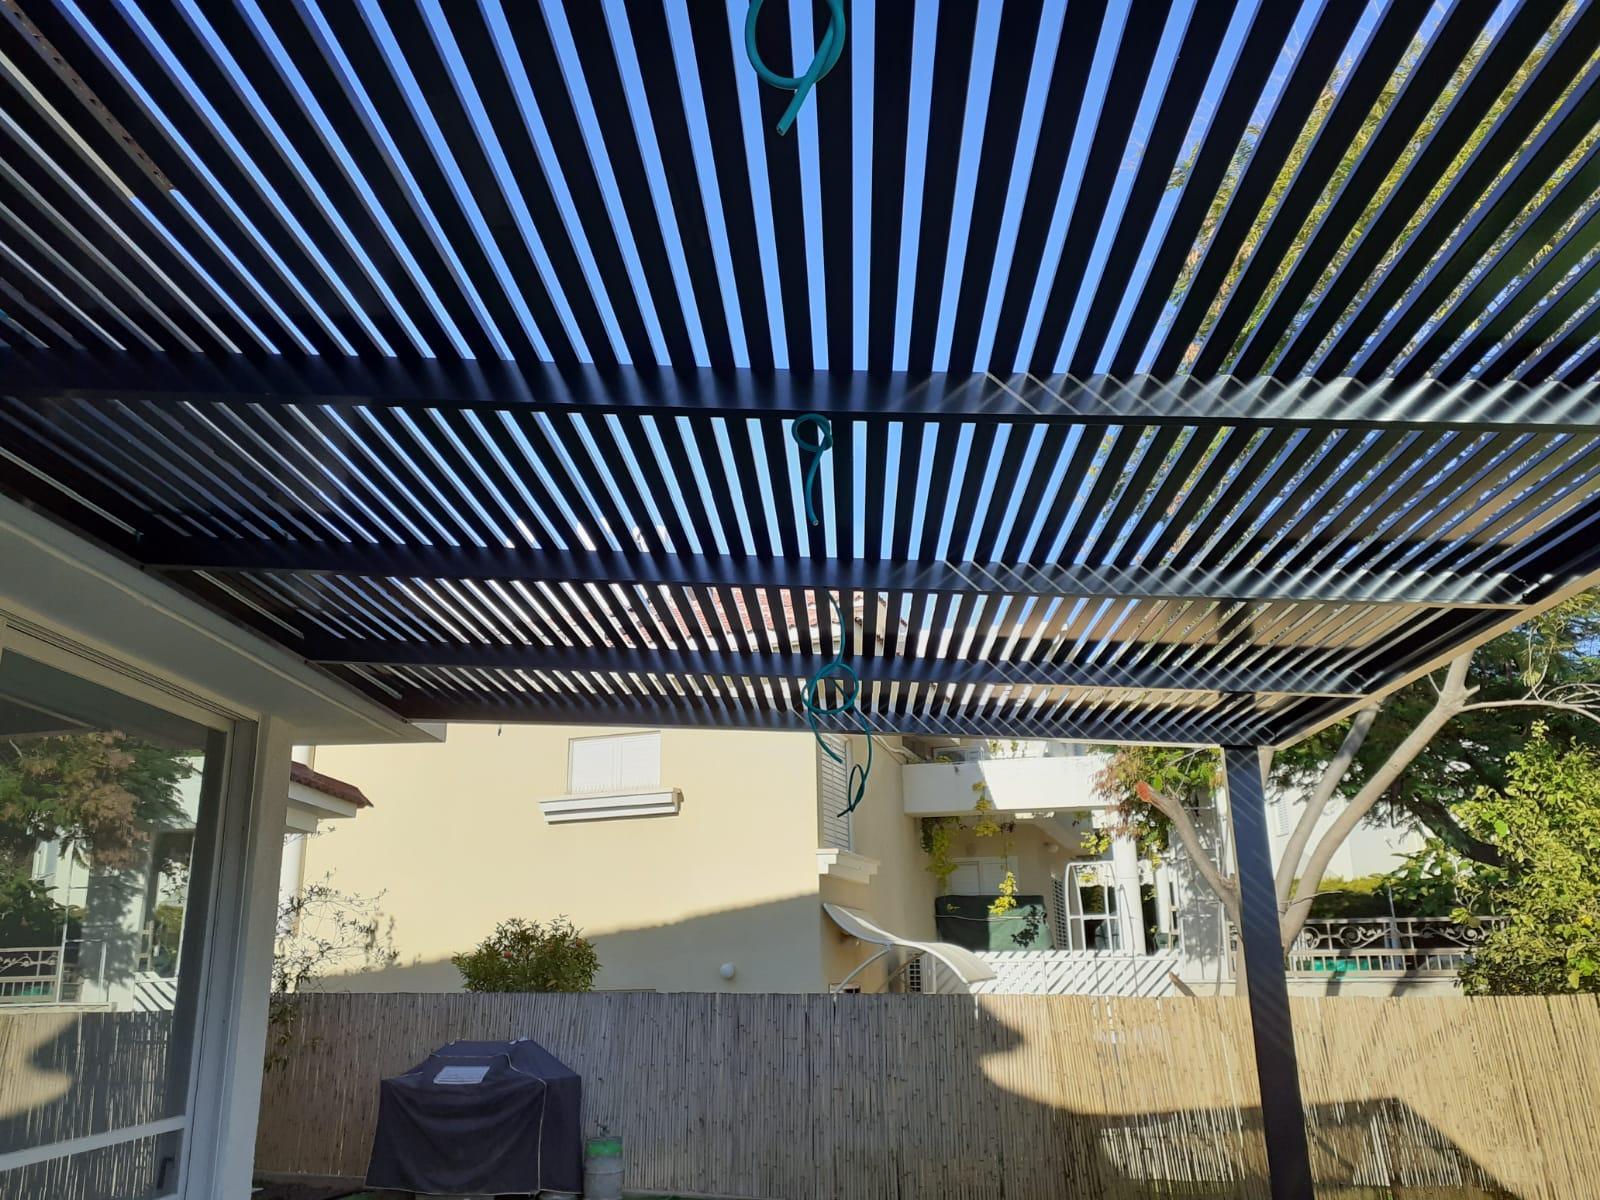 פרגולה חשמלית בחצר